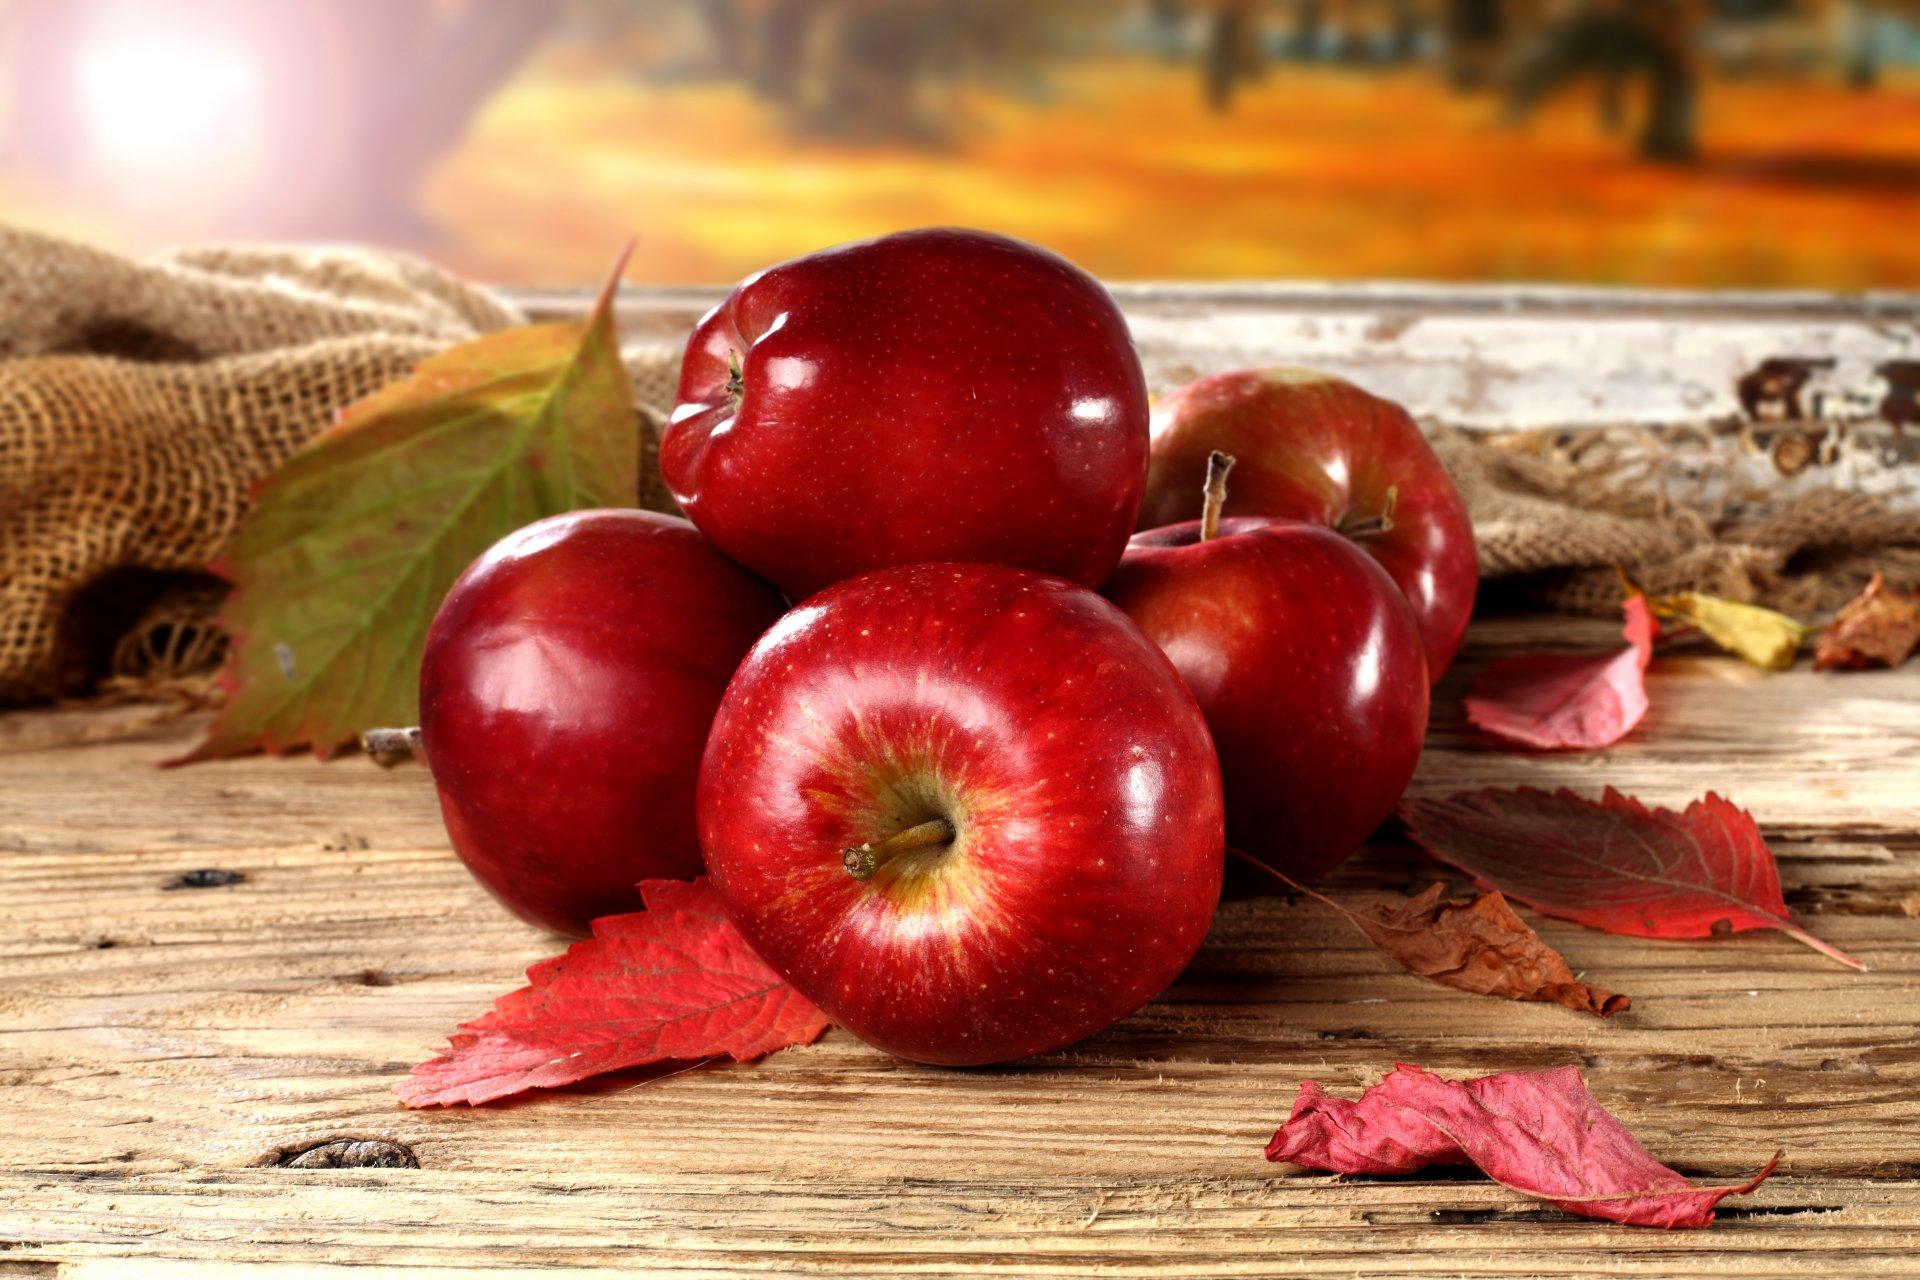 Картинка про яблоко красивая итоге художник